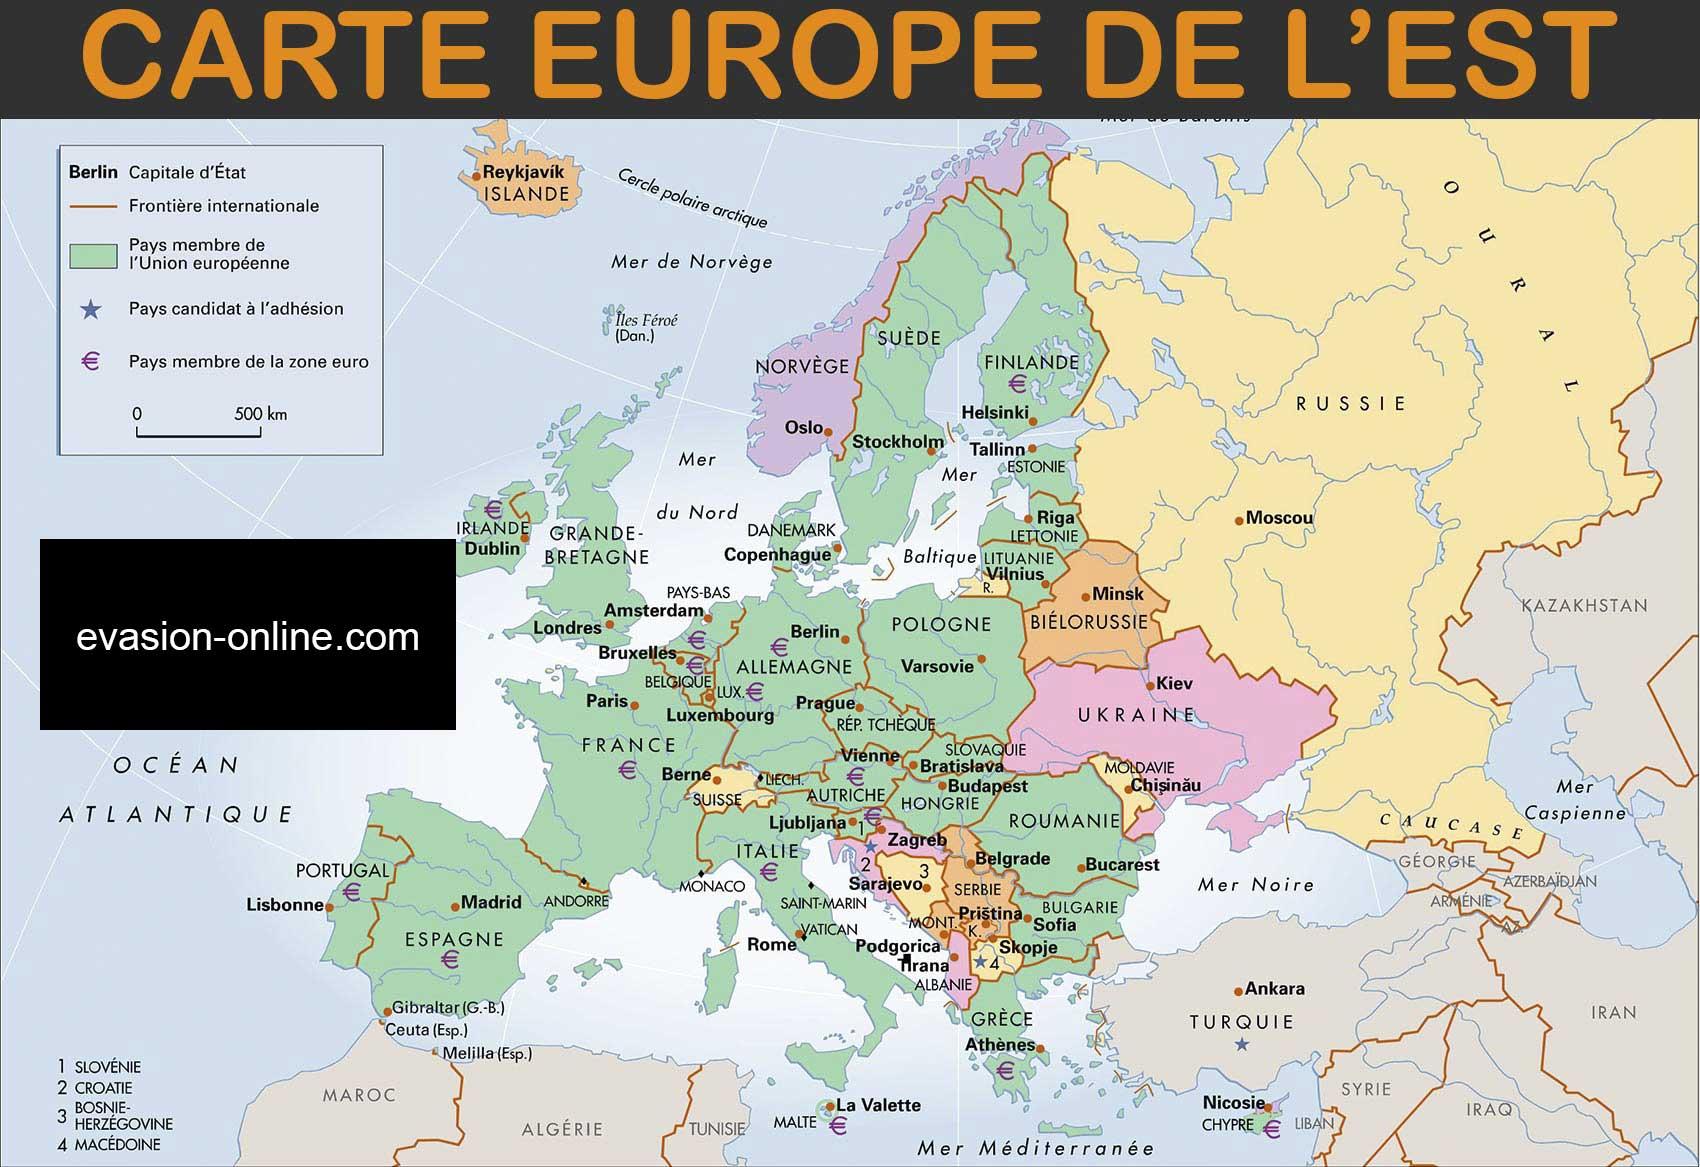 Carte Europe De L'est - Images » Vacances - Arts- Guides Voyages à Carte De L Europe Détaillée